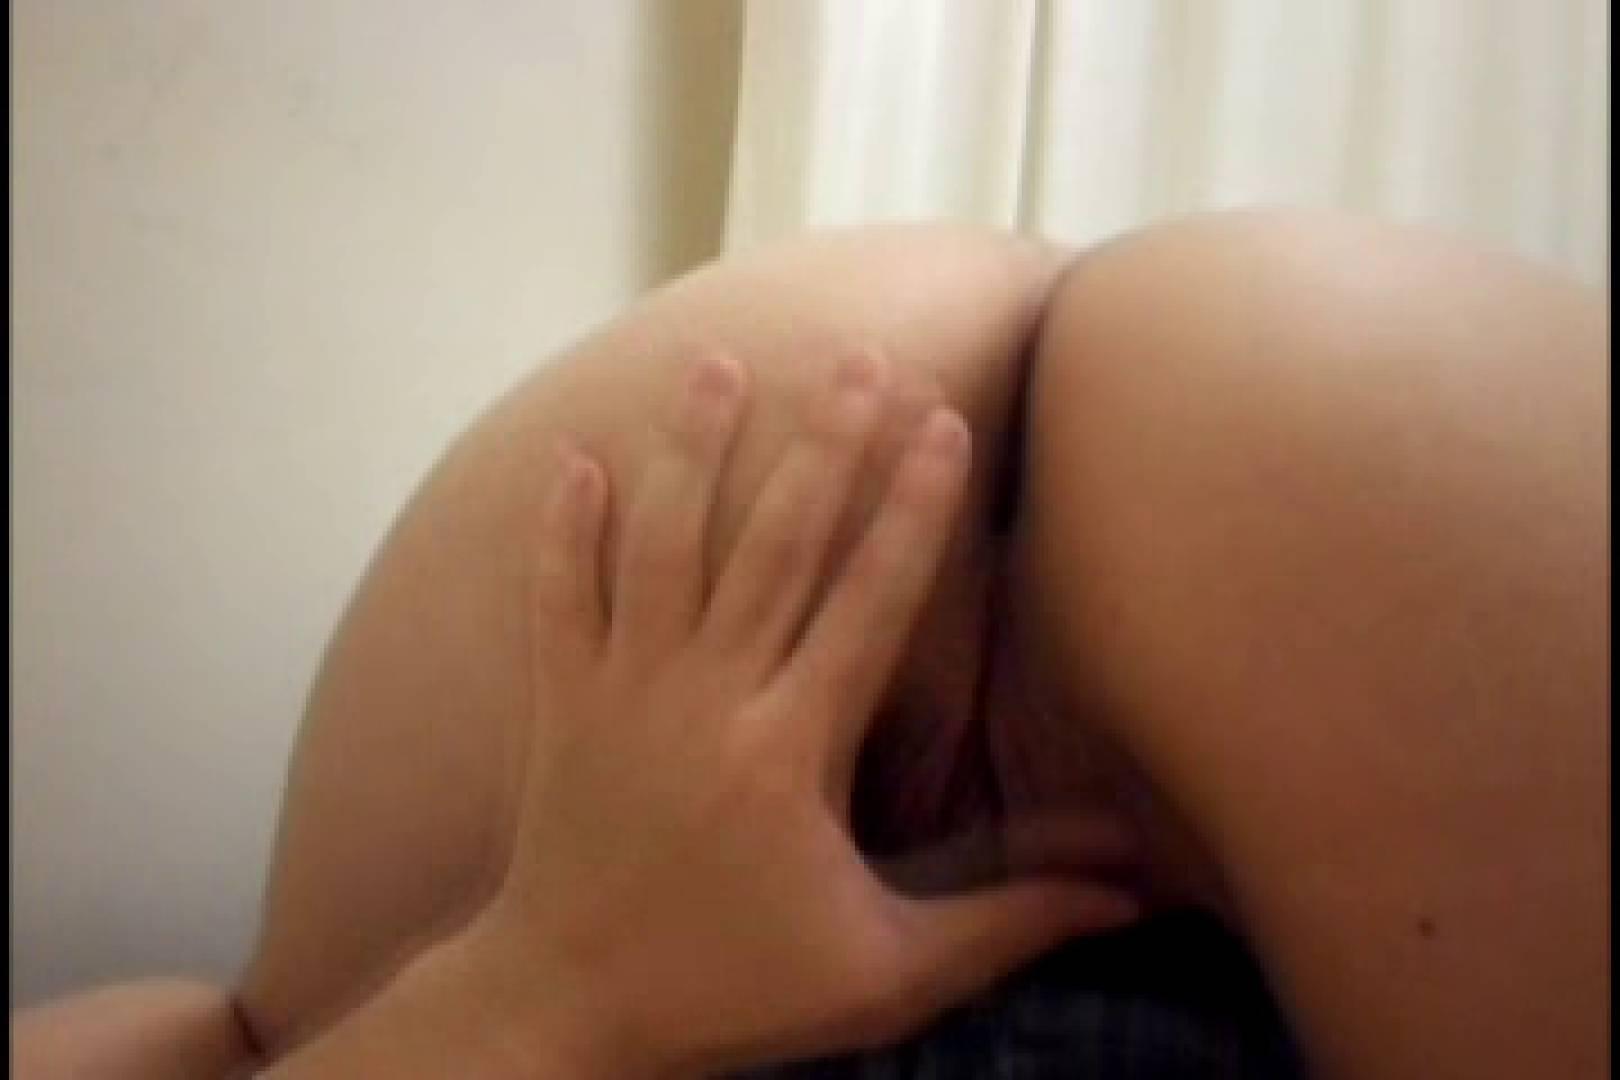 ヤリマンと呼ばれた看護士さんvol2 フェラ のぞき動画画像 106PIX 26